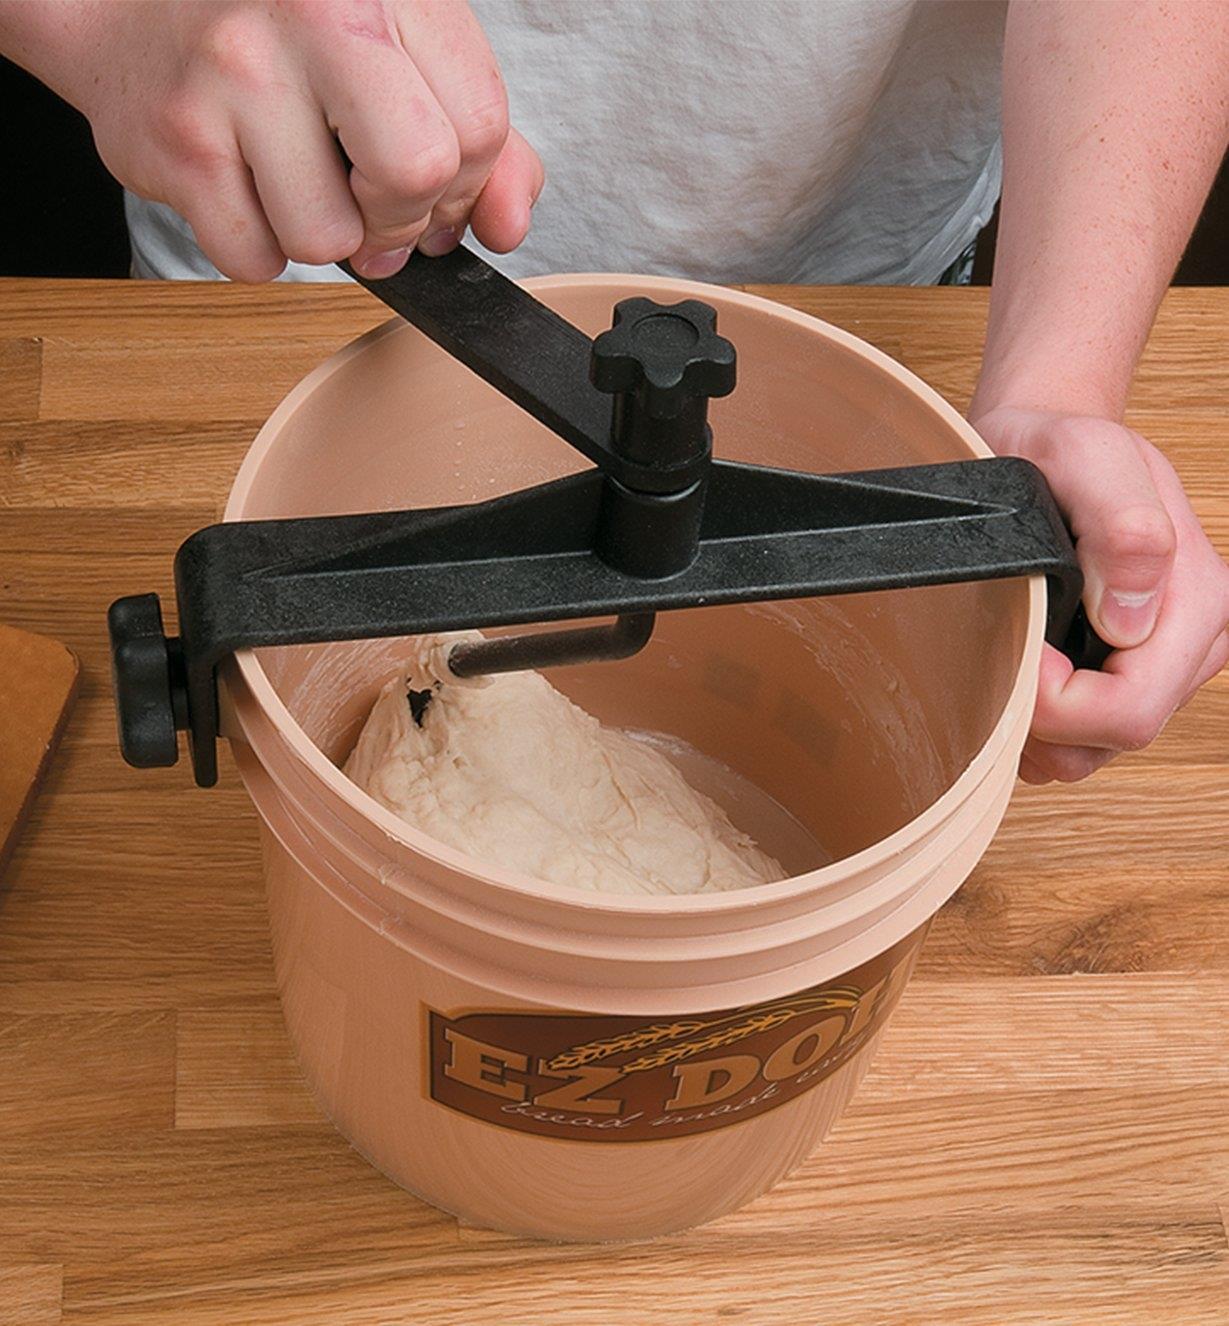 09A0428 - Bread Dough Mixer